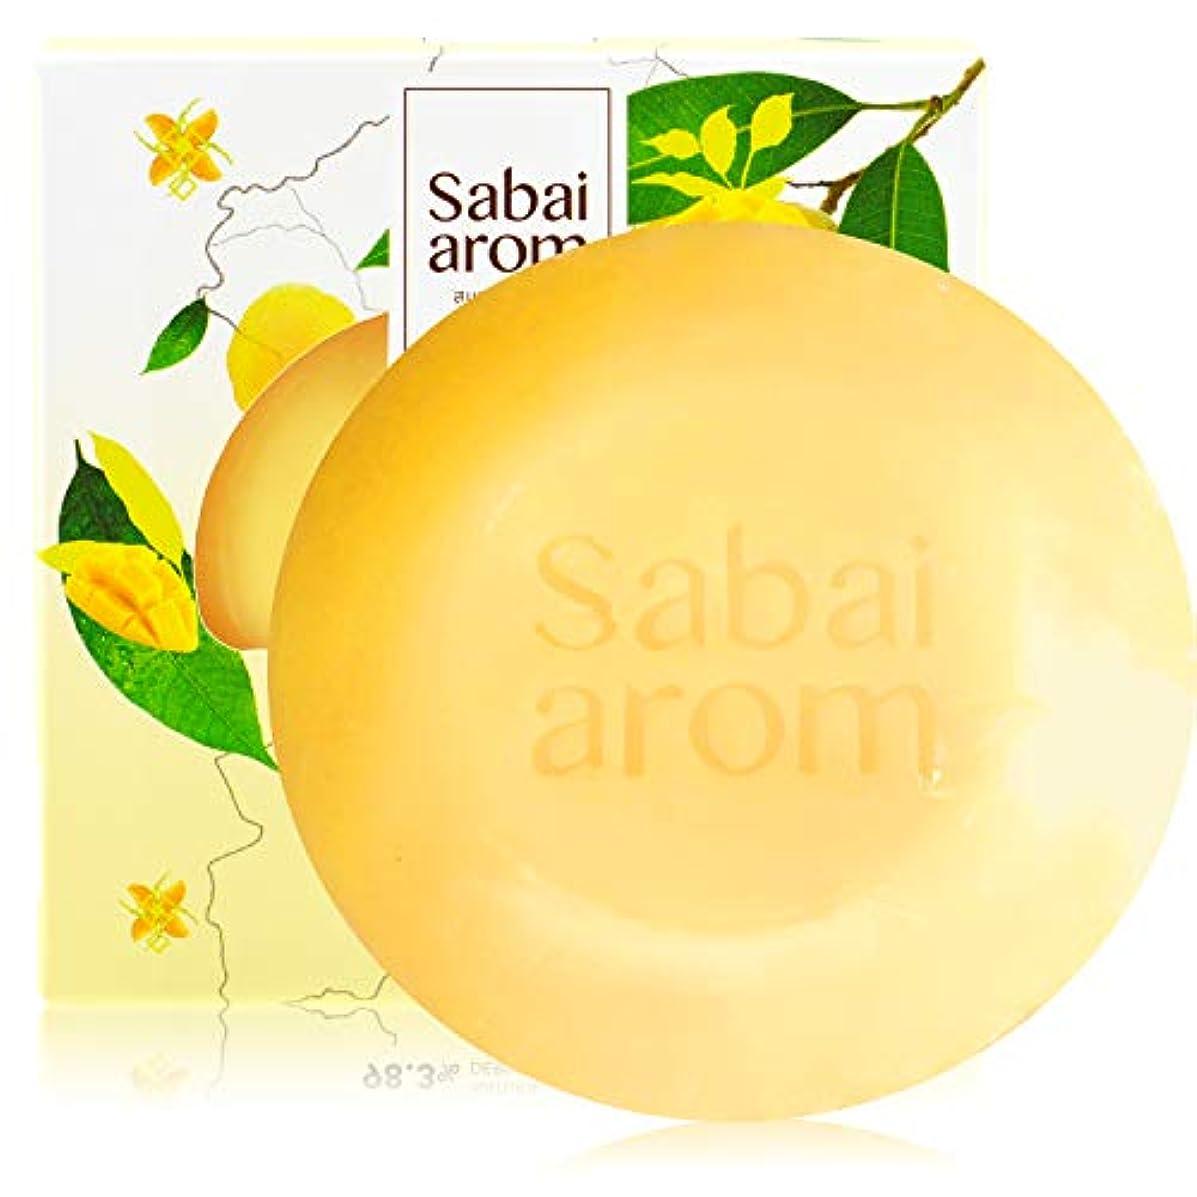 梨にやにやしつけサバイアロム(Sabai-arom) マンゴー オーチャード フェイス&ボディソープバー (石鹸) 100g【MAN】【001】